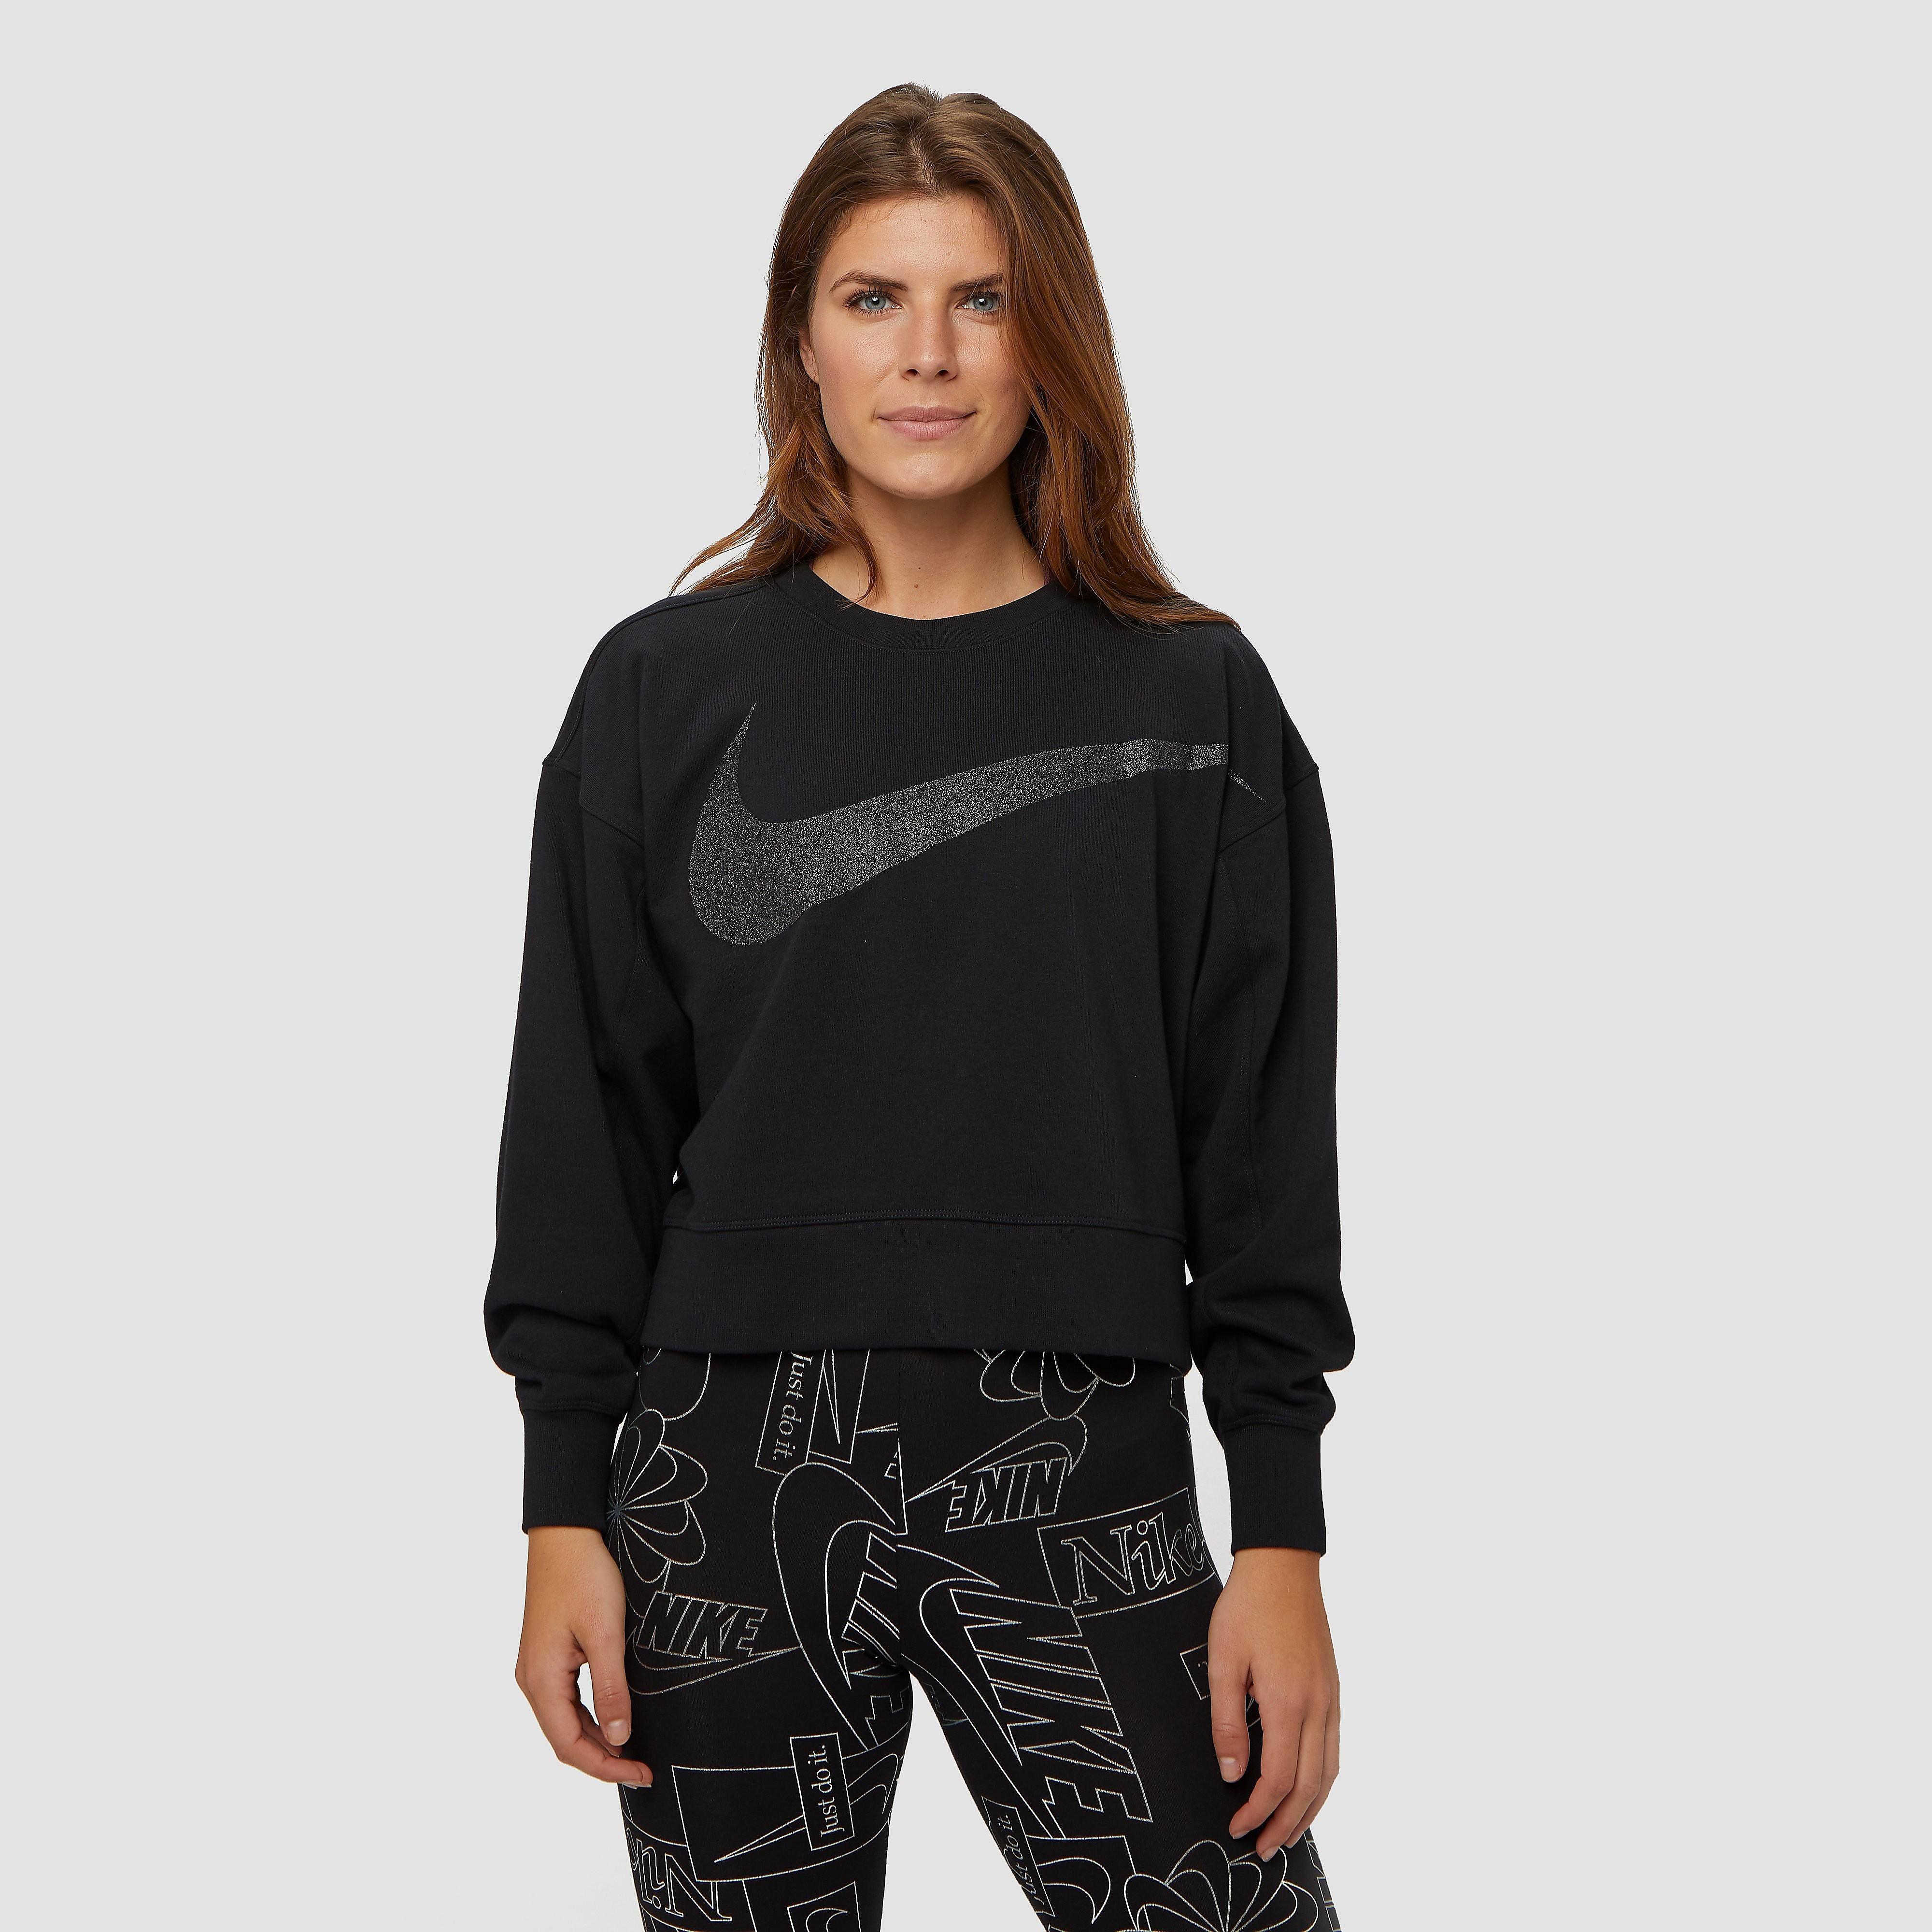 NIKE Dy get fit sparkle fleece sportsweater zwart dames Dames